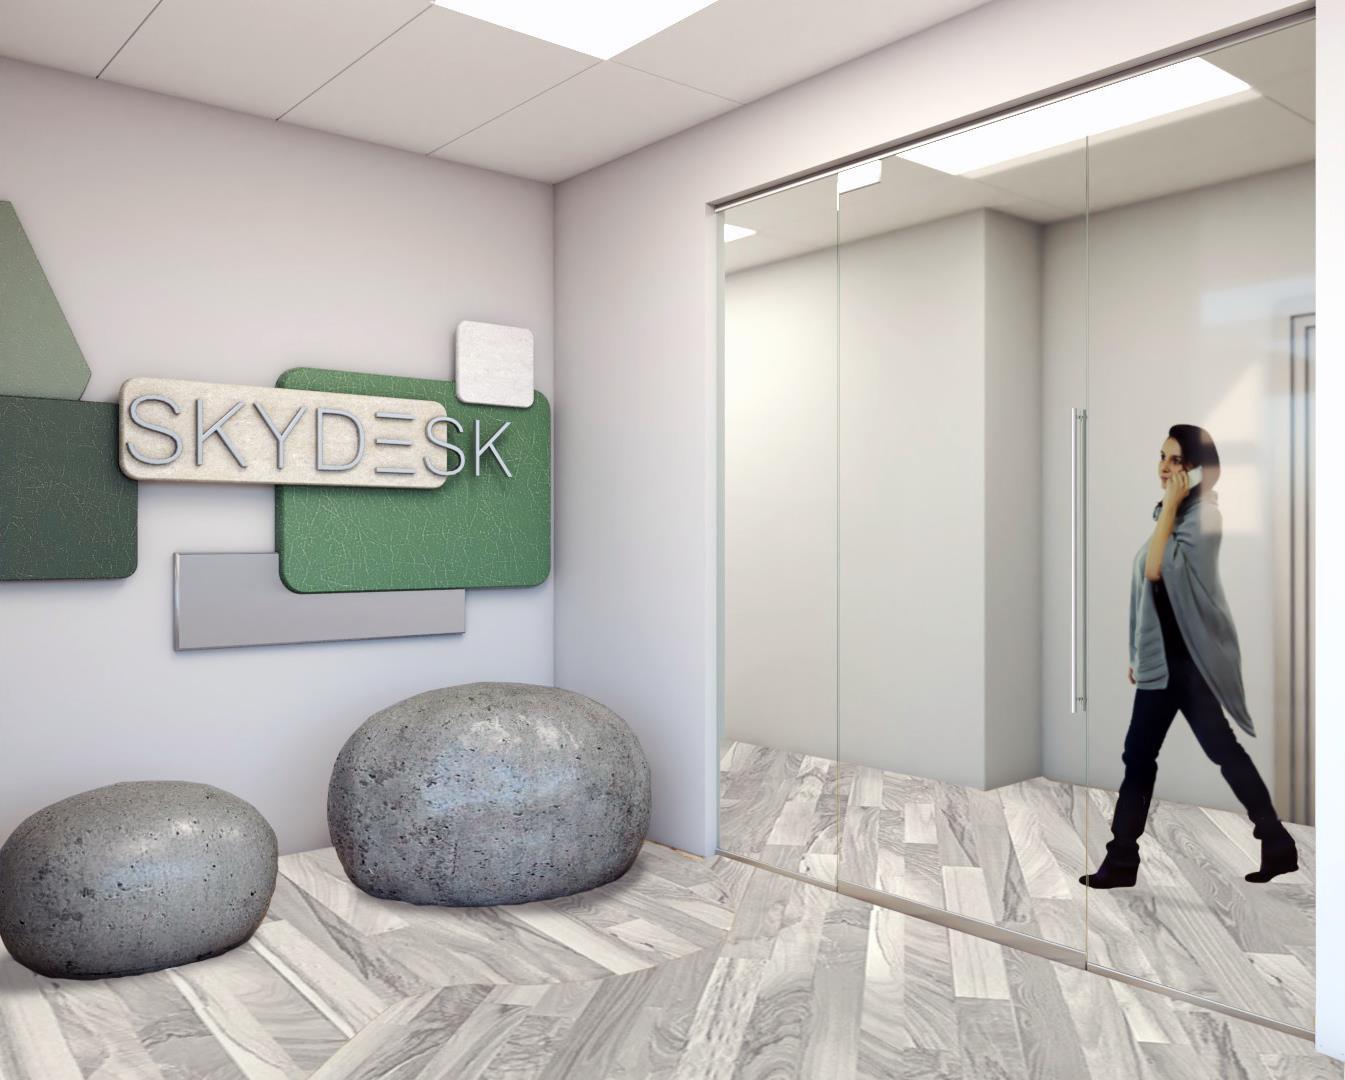 Sky Desk  - Morristown - SkyDesk